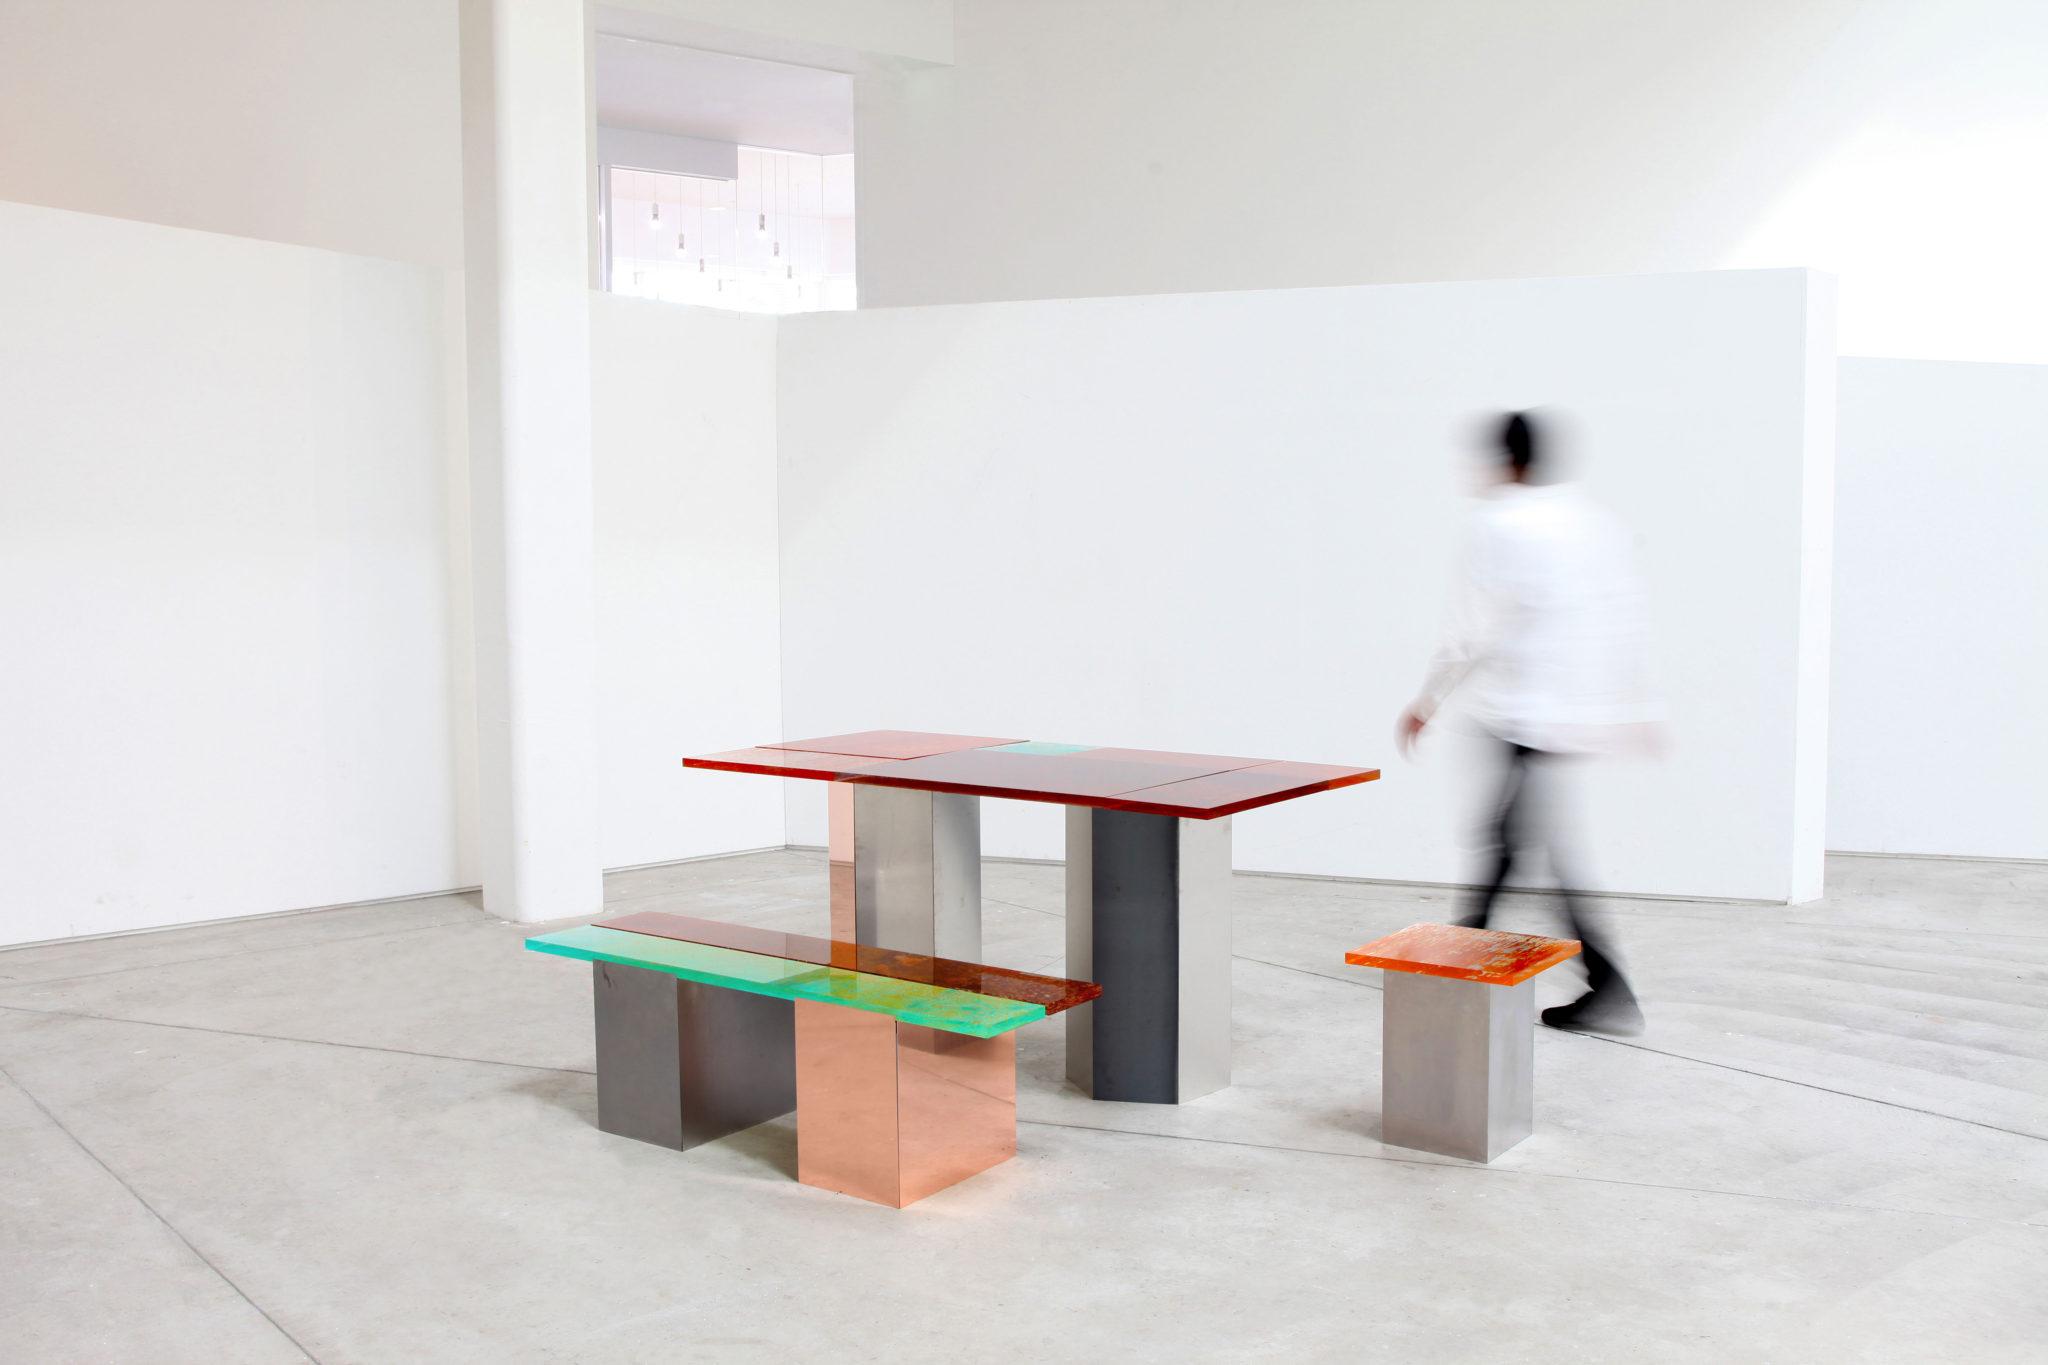 mesa y bancos de varios tamaños proyecto Rust Harvest del japones Yuma Kano